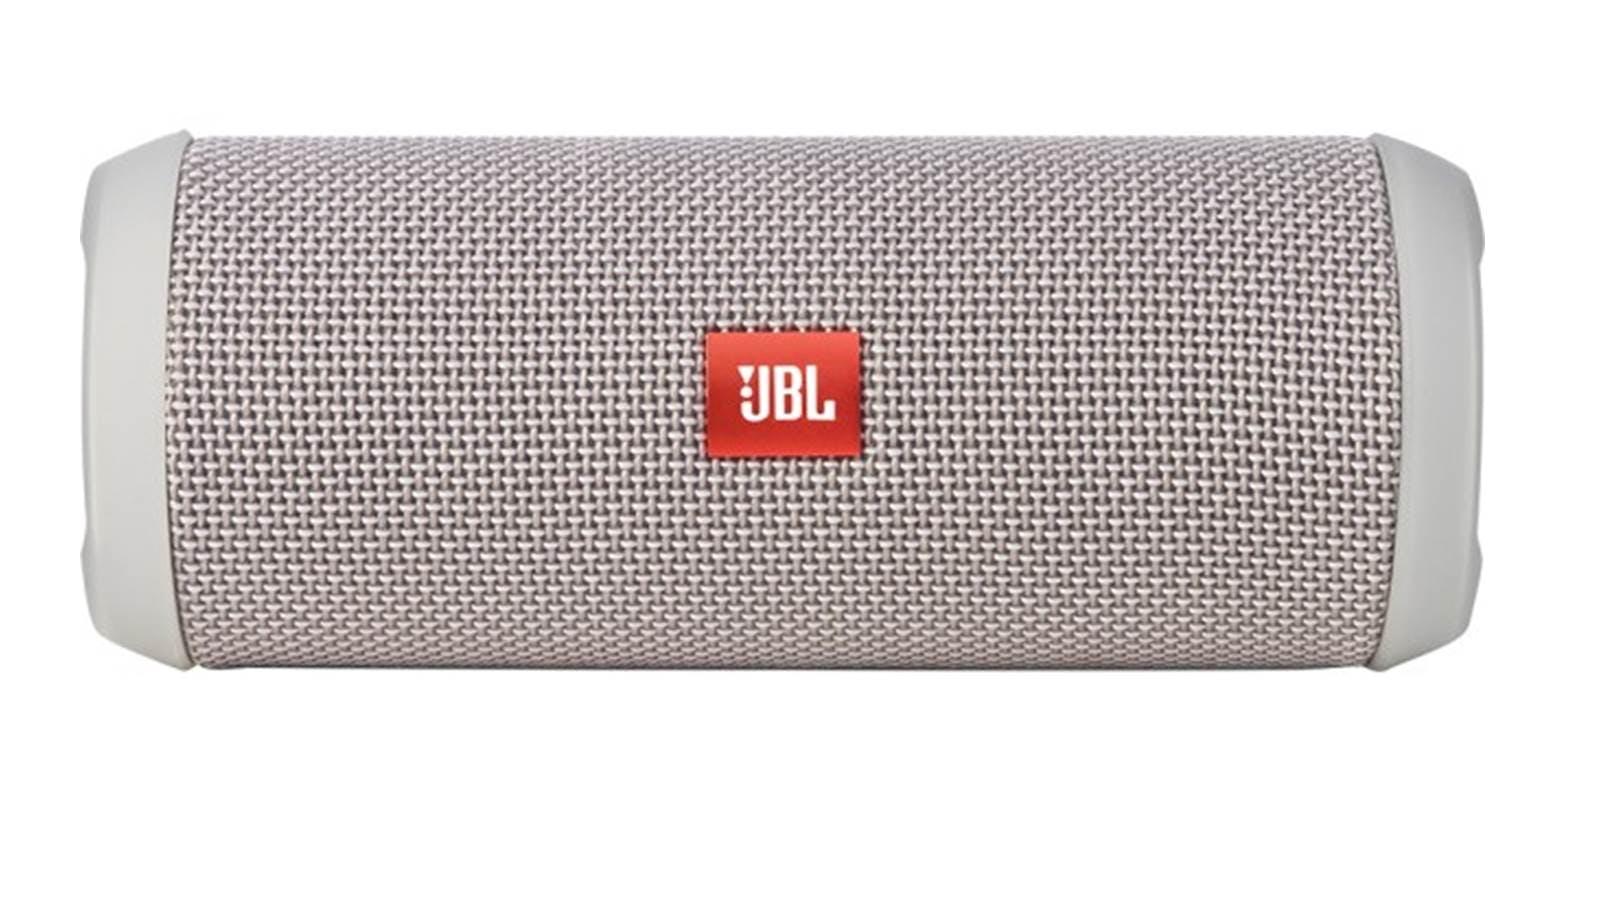 f4263d4240f JBL Flip 3 Portable Bluetooth Speaker - Grey